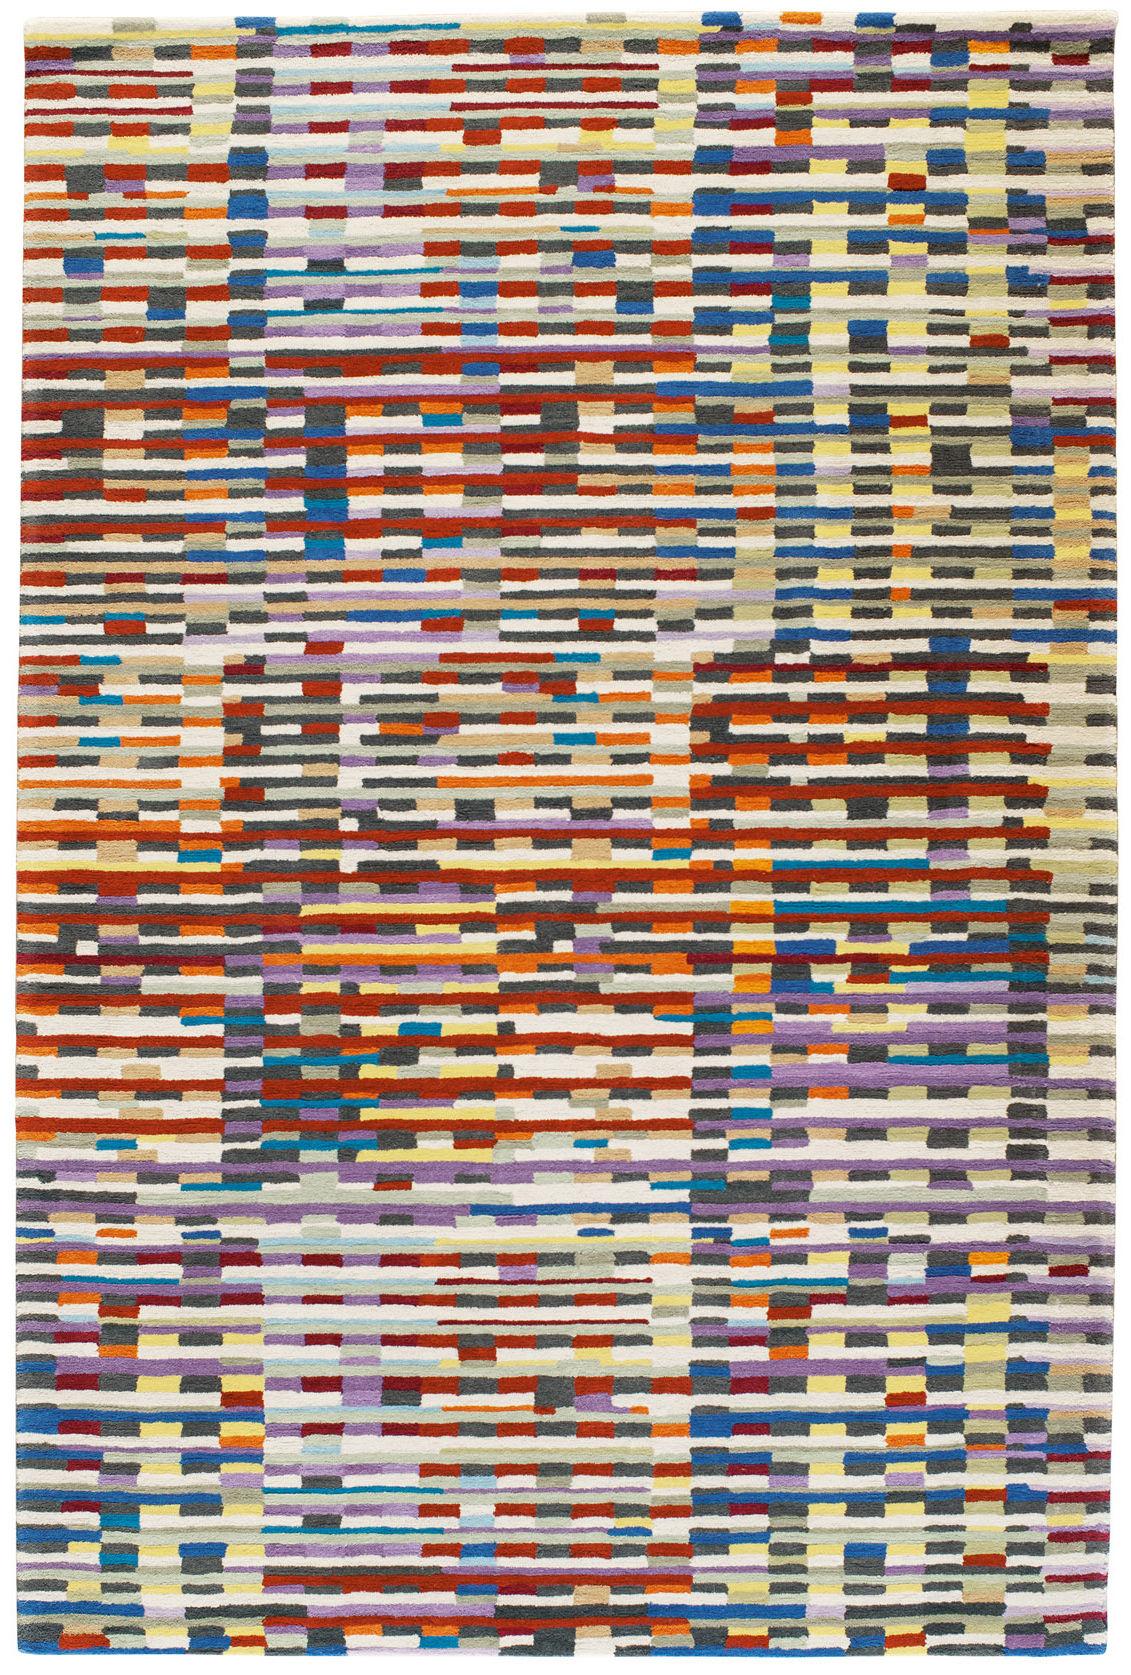 Déco - Tapis - Tapis Cinetic / 170 x 240 cm - Tufté main - Toulemonde Bochart - Multicolore - Laine